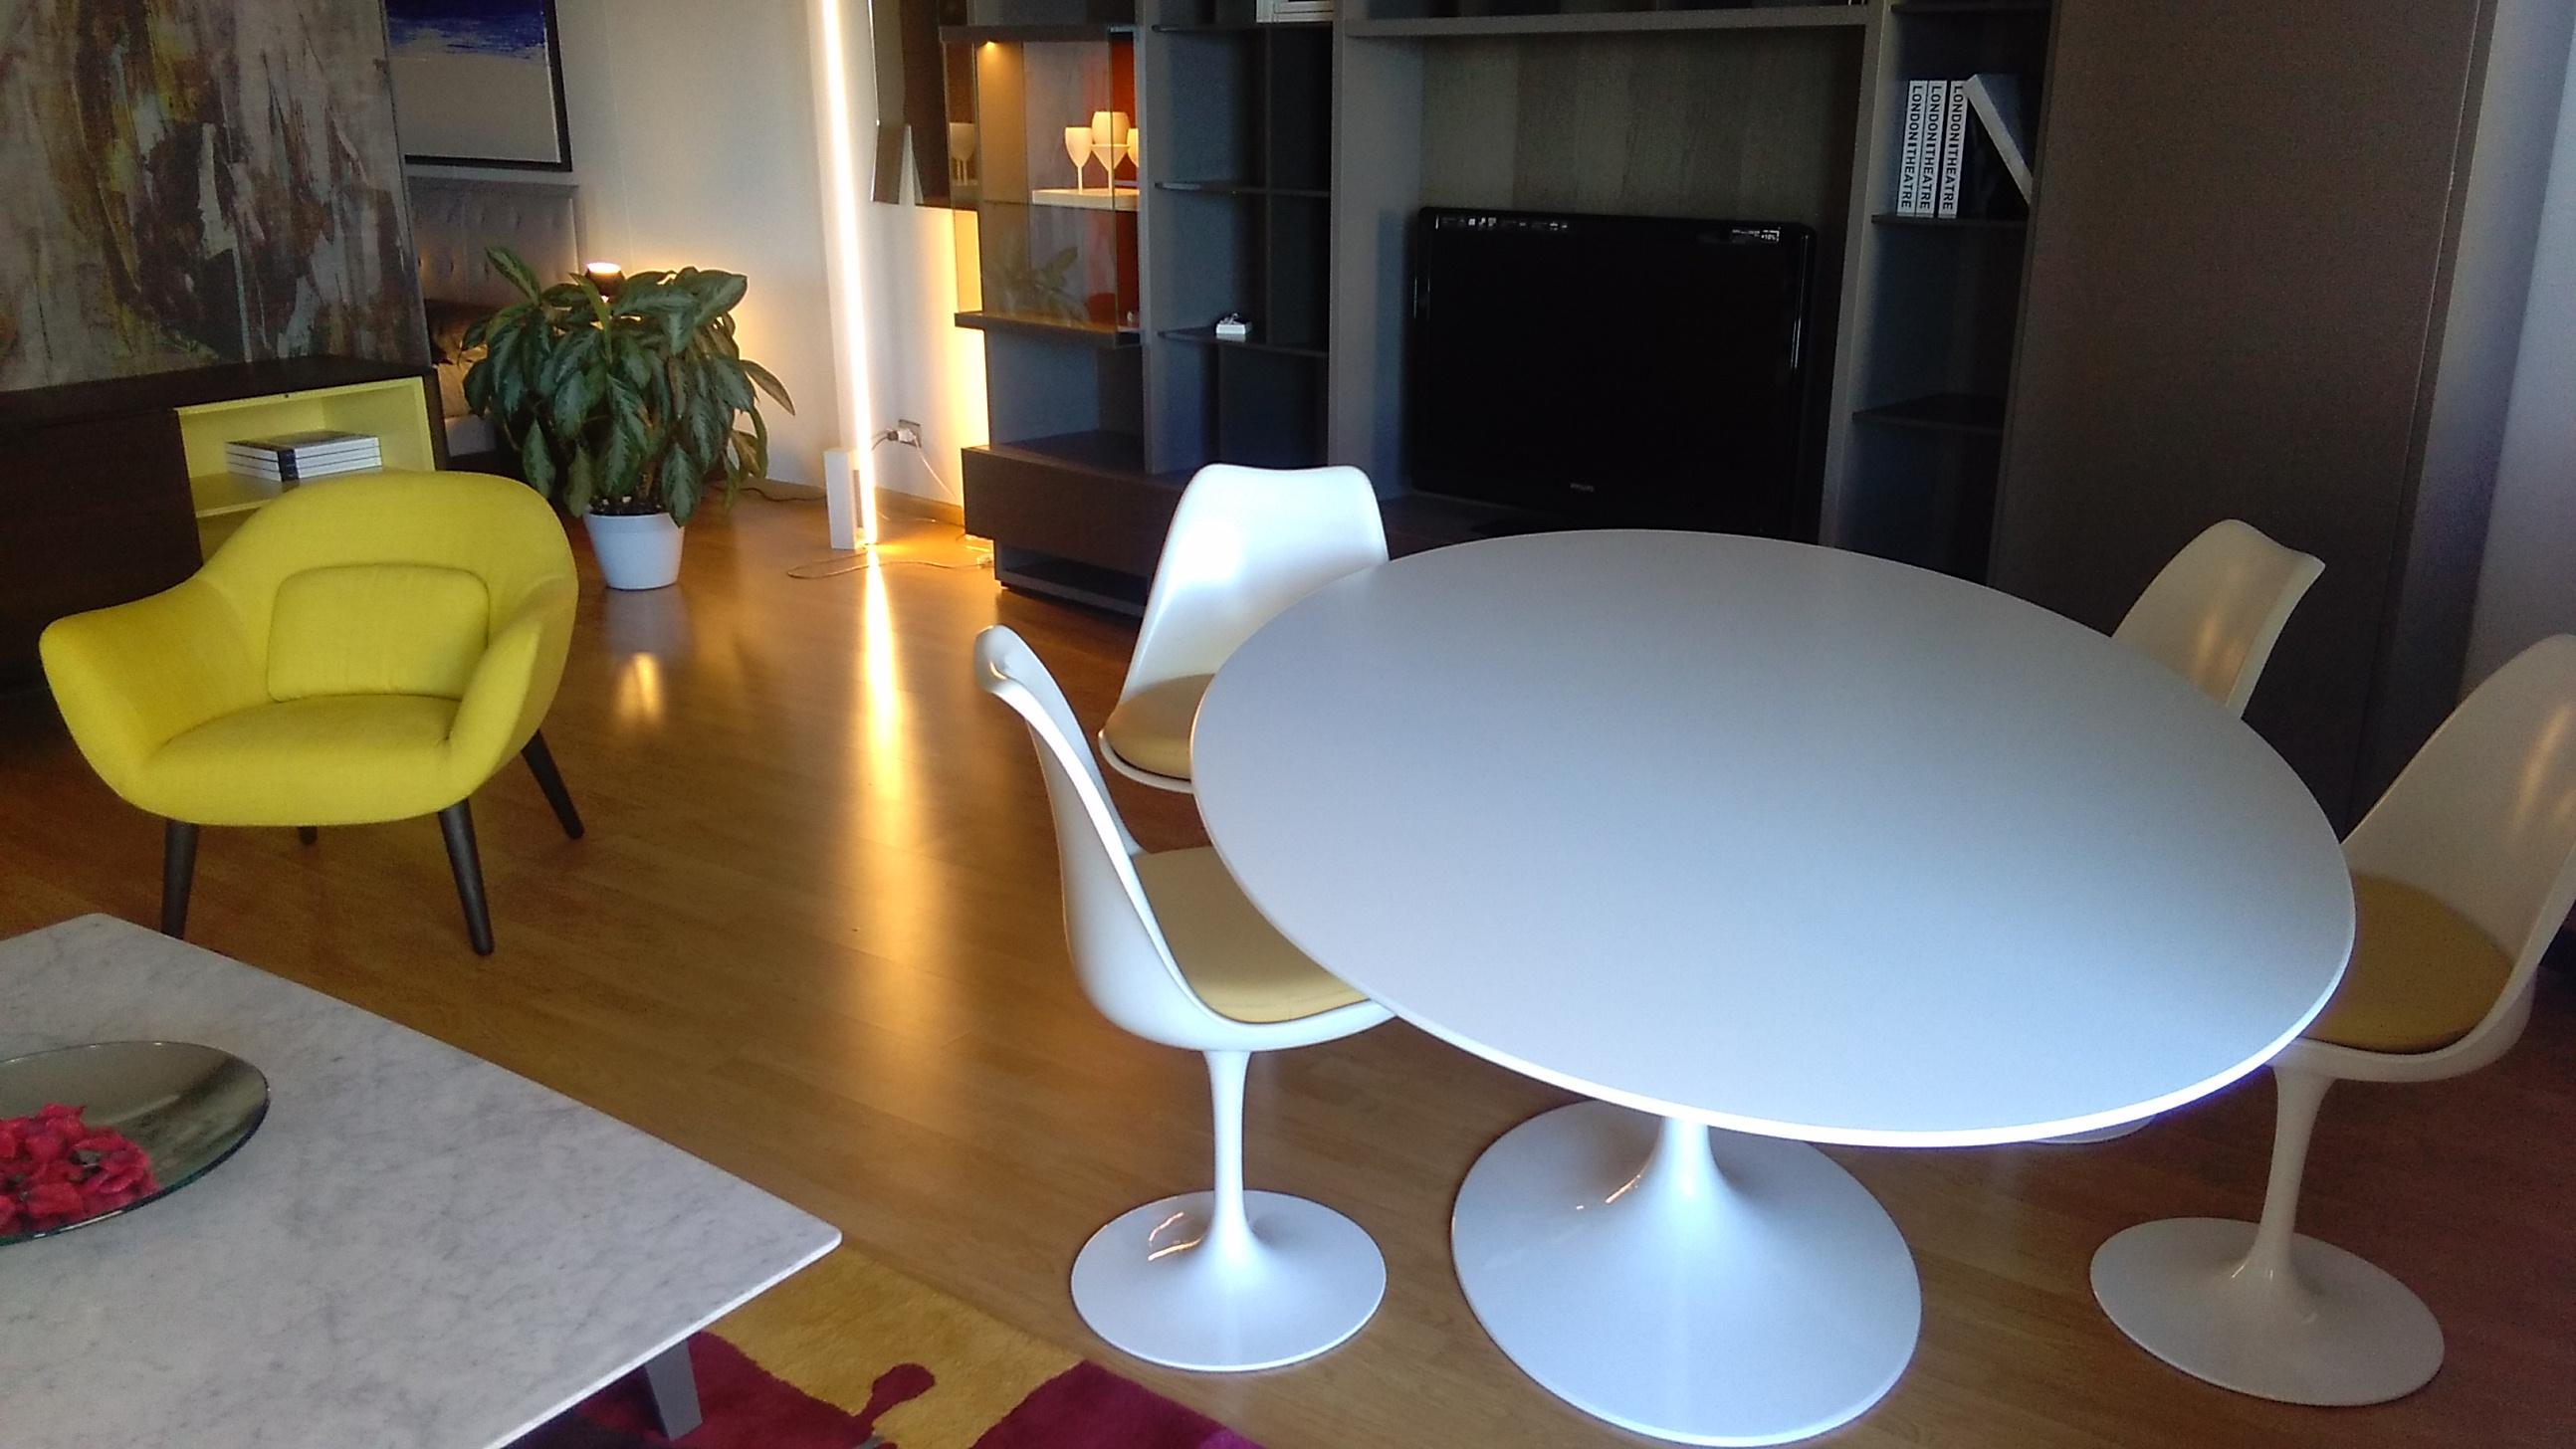 Sedie moderne e di design sedia tulip arredamento & design